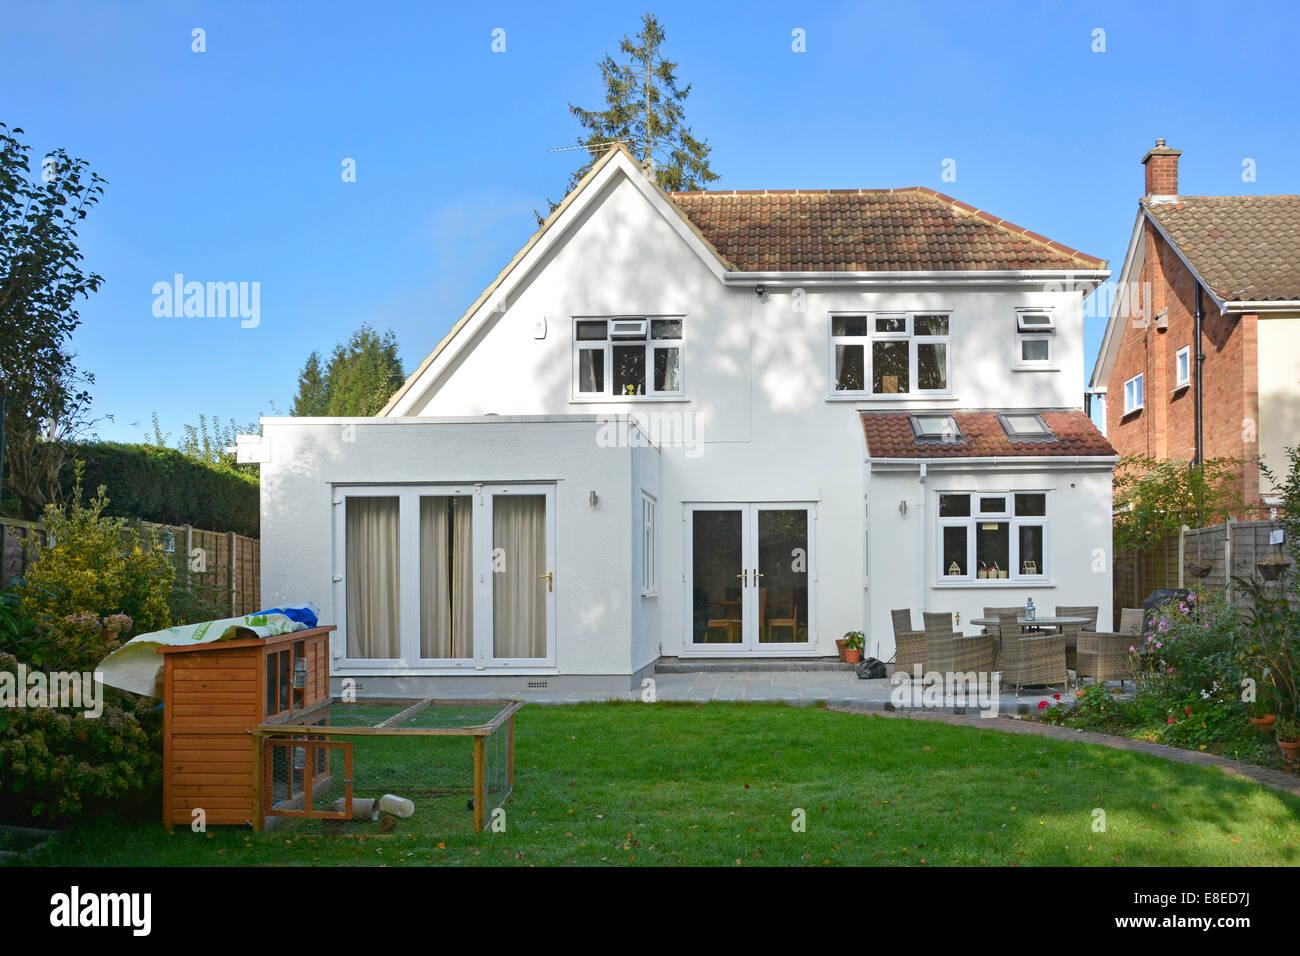 Completato a due piani casa unifamiliare estensione laterale tetto funziona & patio dal giardino sul retro Essex Immagini Stock